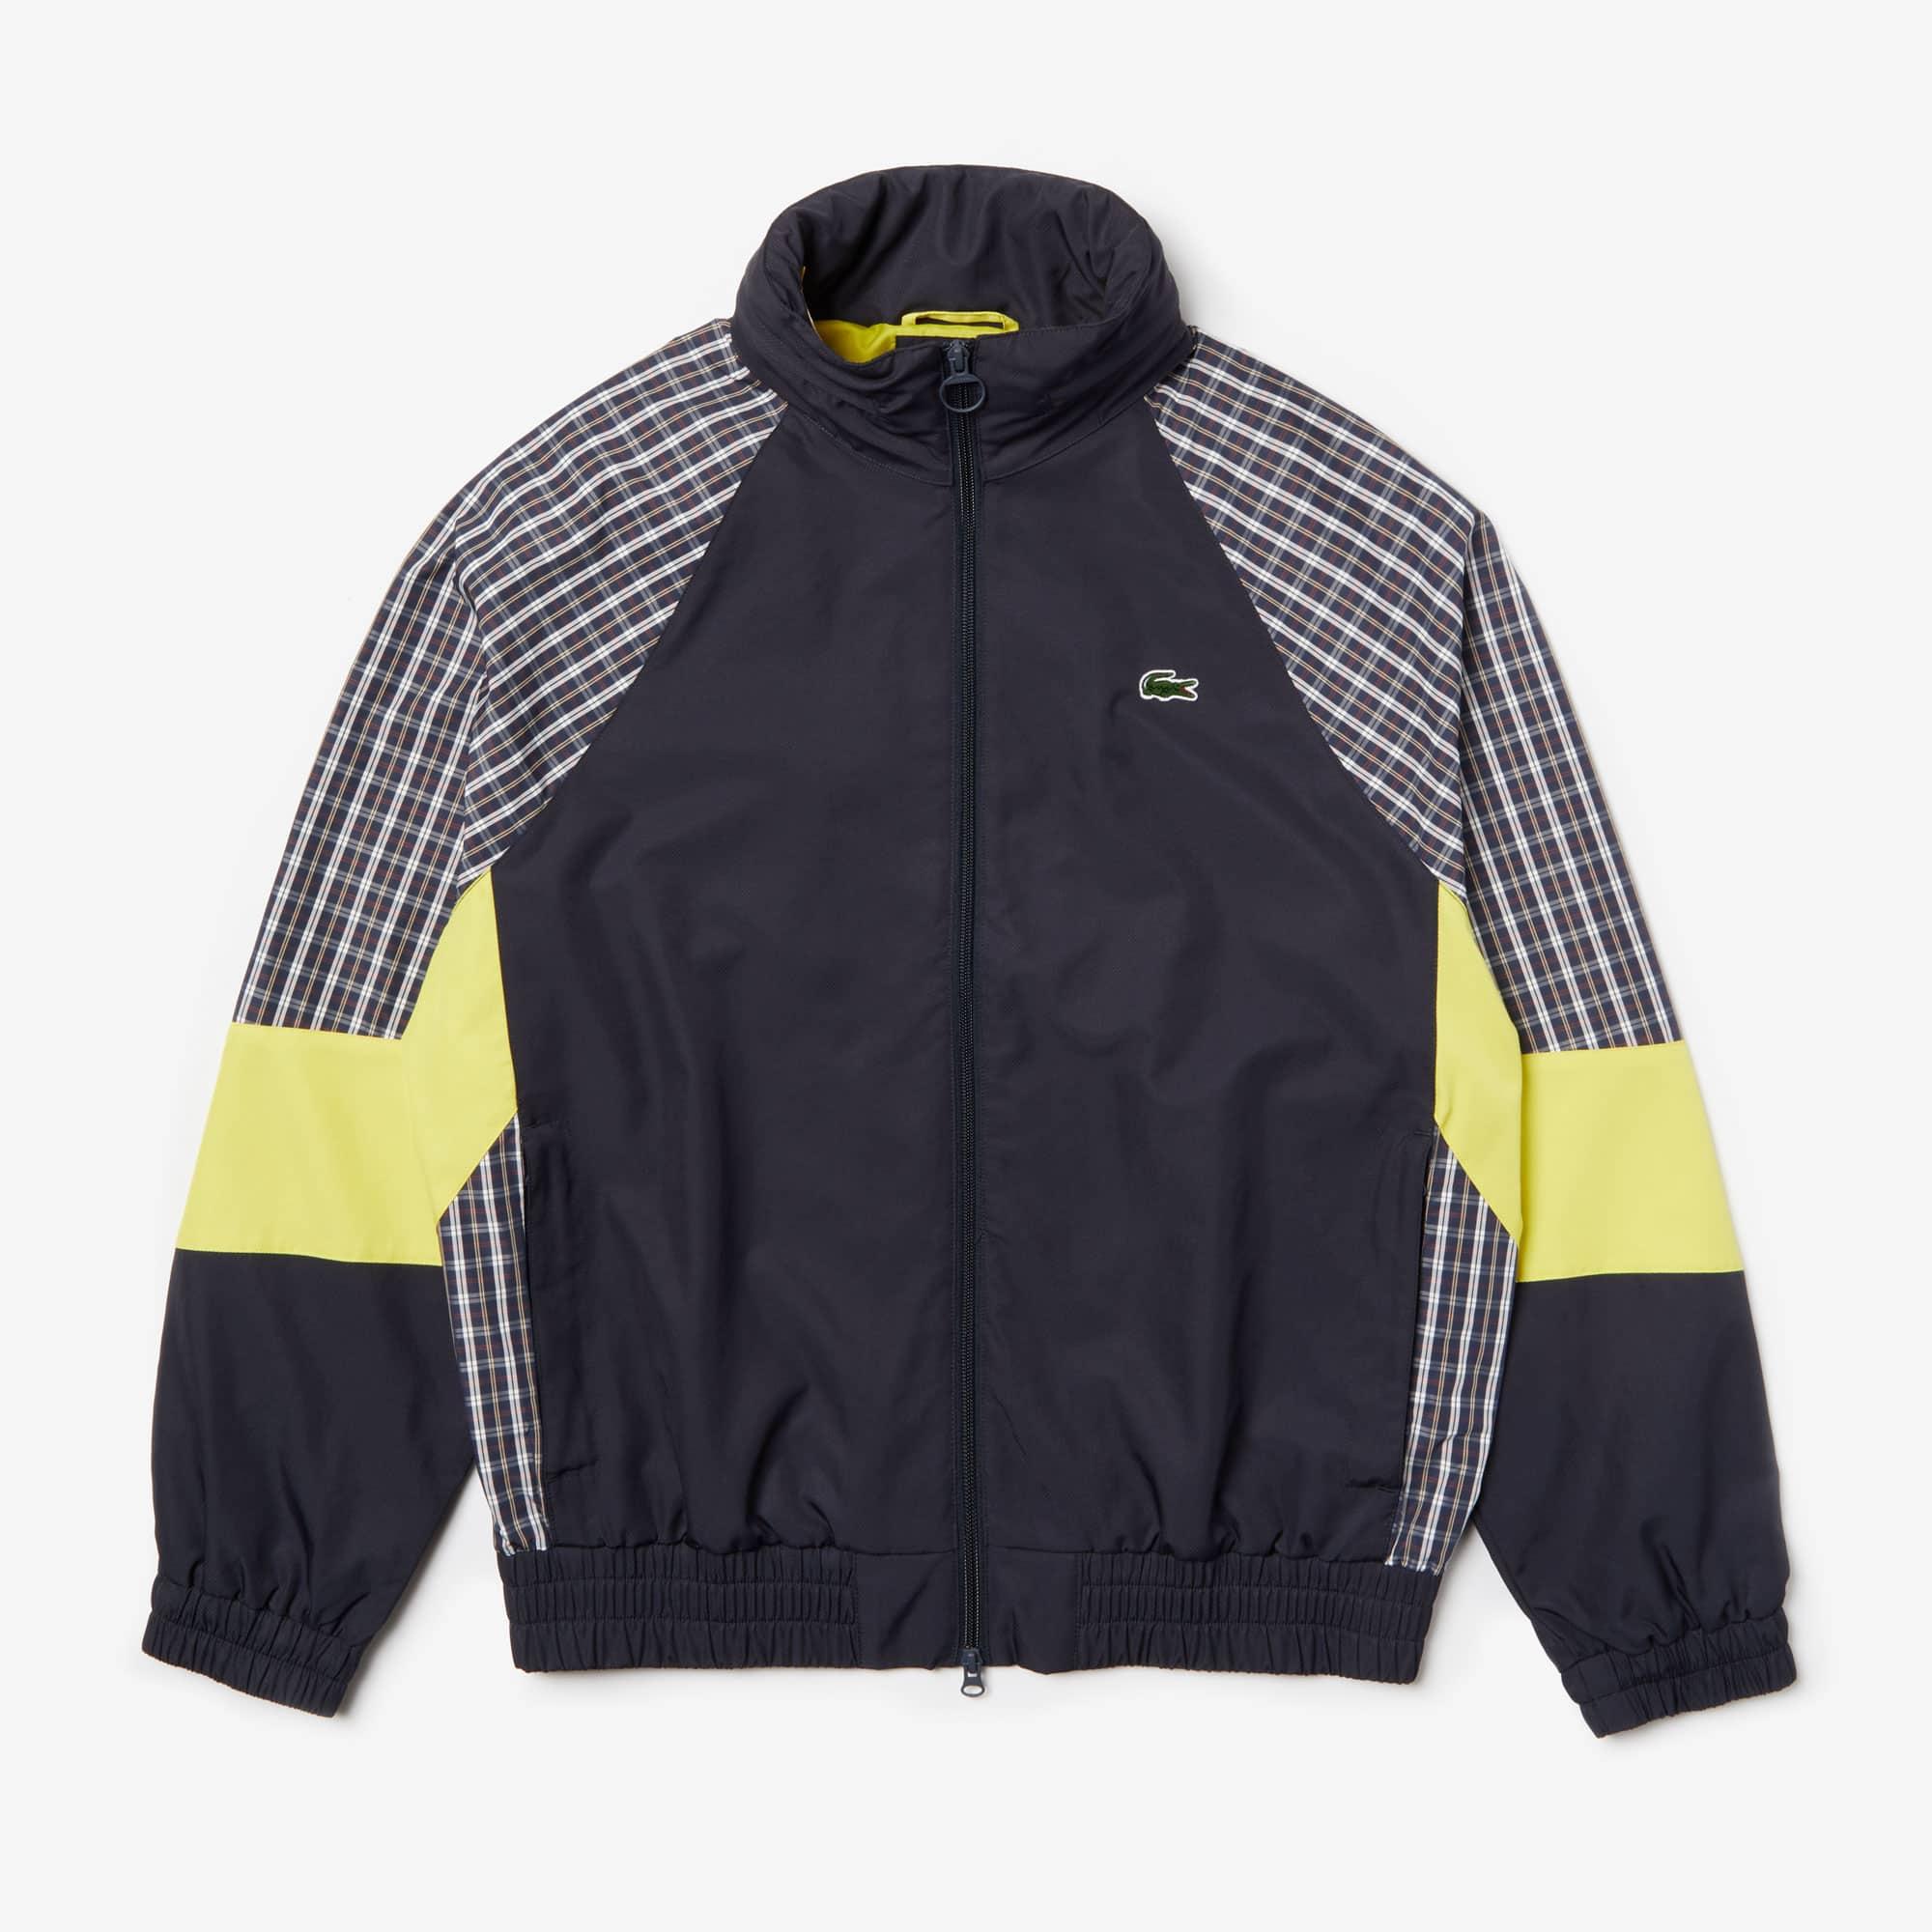 wholesale dealer 96973 20496 Polos, Kleidung und Lederwaren Online | LACOSTE